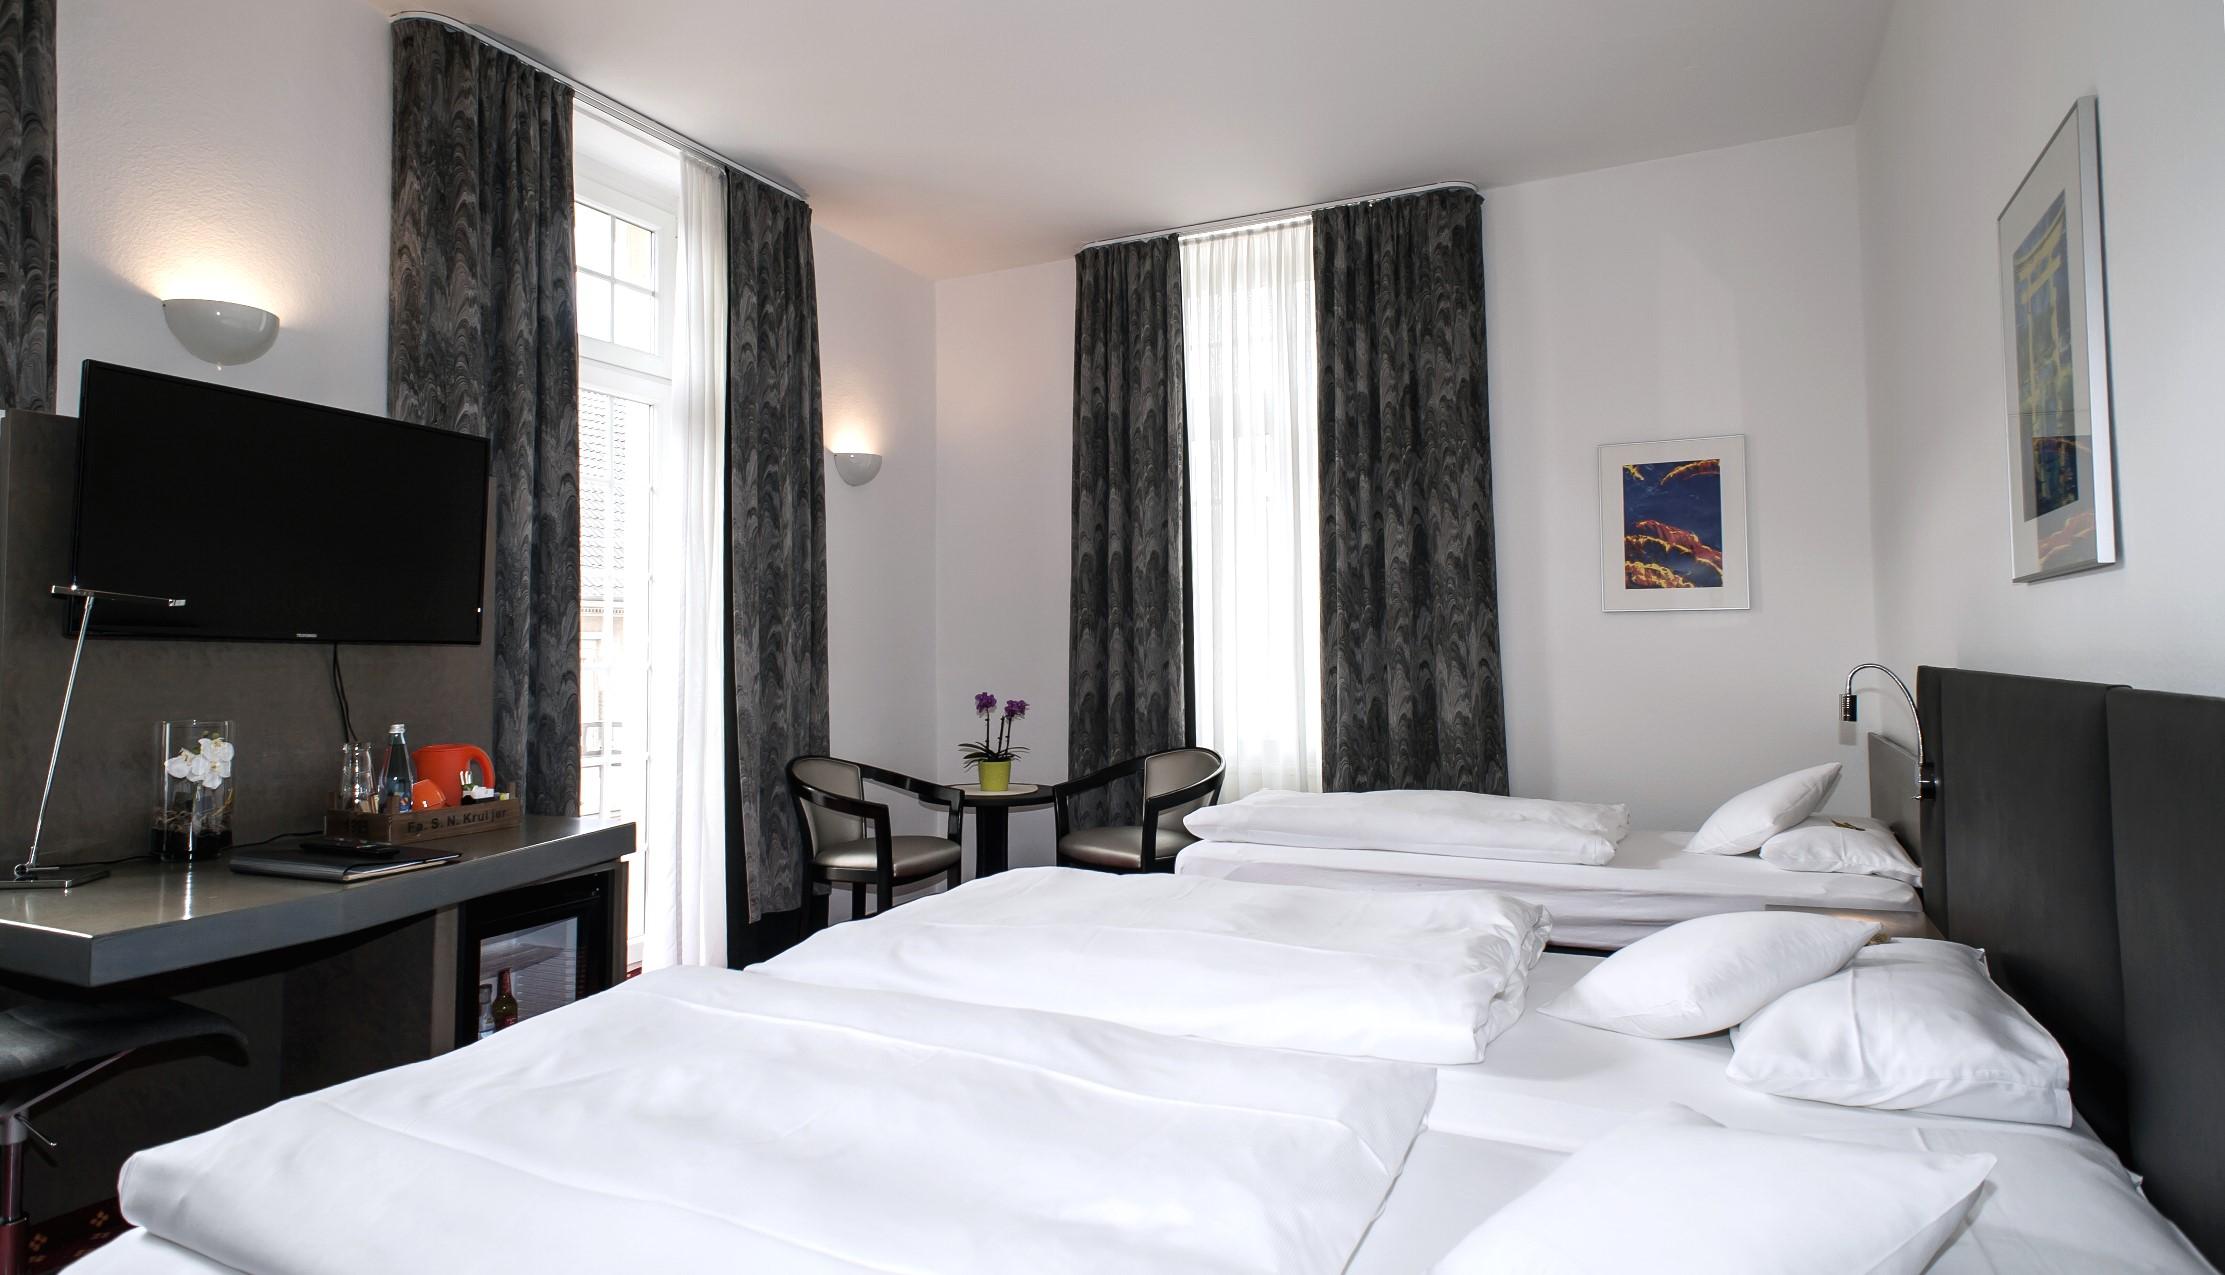 Hotel_Schwert Zimmer 2